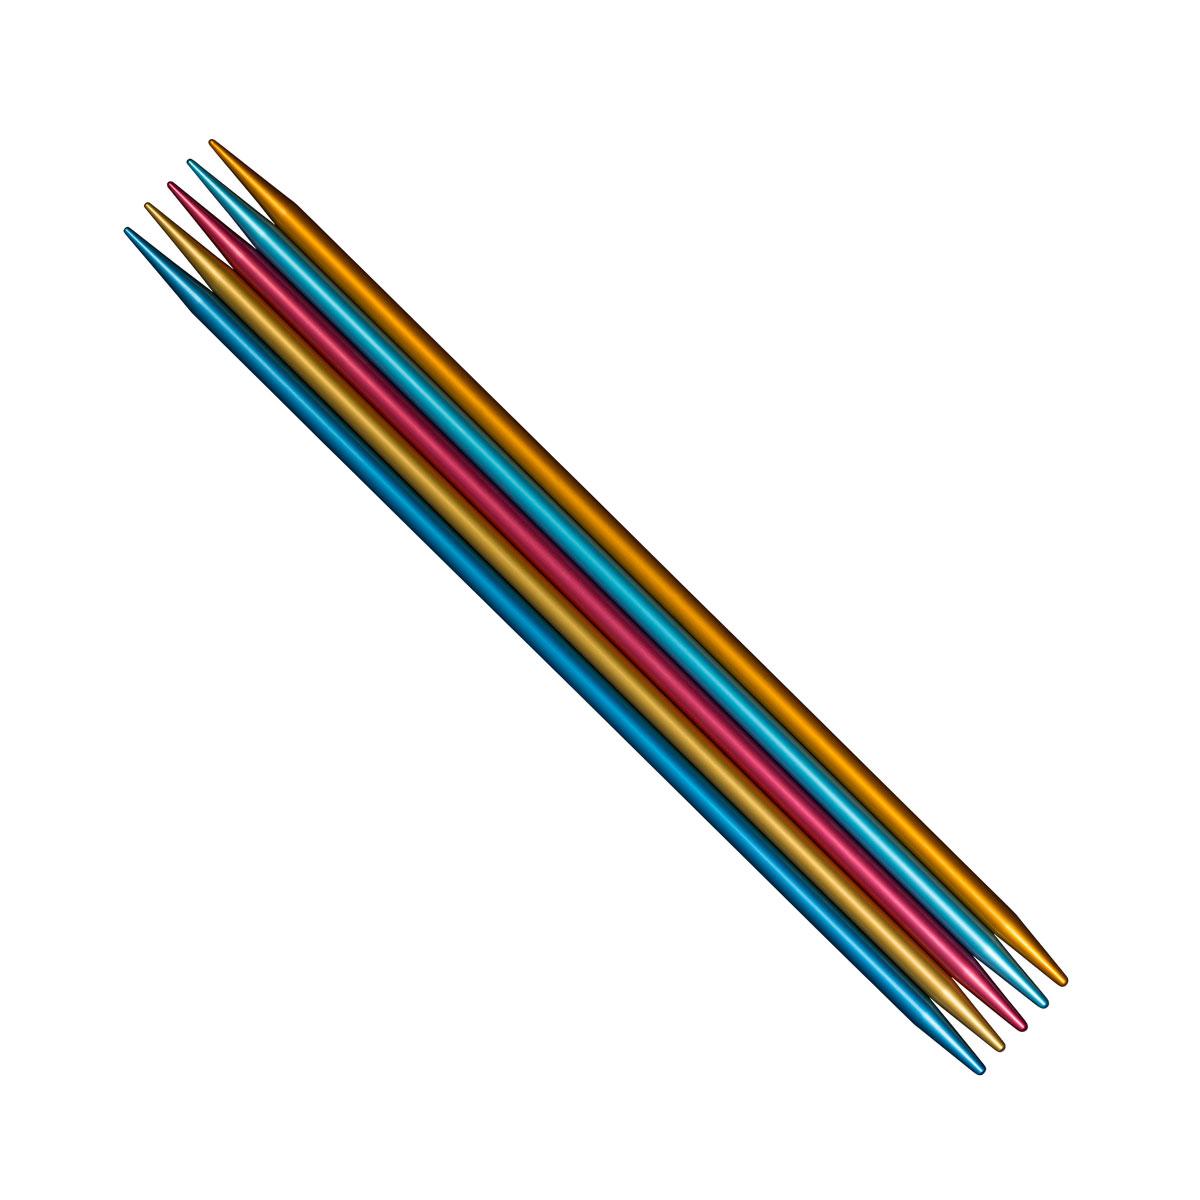 ADDI Спицы, чулочные, сверхлегкие Colibri, №4.5, 20 см, 5 шт204-7/4.5-20Спицы Colibris имеют отличительный цвет и структуру. За счет полого и легкого материала руки при вязании практически не устают, что особенно важно при вязании спицами толстых размеров. Внешняя поверхность спиц особенно гладкая, а ощущения от вязания самые комфортные, так как материал быстро принимает тепло рук. Полное отсутствие соединений, либо каких-то плохо обработанных кончиков, как на пластике. Каждая спица блестит за счет своей анодированной пестрой поверхности, что особенно нравится молодой аудитории. Яркий цвет часто является козырем, как и в пряже для ручного вязания. Защищенная патентом технология чулочной спицы имеет неоспоримое преимущество. Потребитель приобретает продукт, у которого две различные функции, так как это две спицы с коротким и длинным кончиком одновременно. Комплекты толщиной от 5,5 мм имеют 23 см длинны вместо 20 см, что является неоспоримым преимуществом при работе с более толстой пряжей, которая обычно занимает много места на спице.